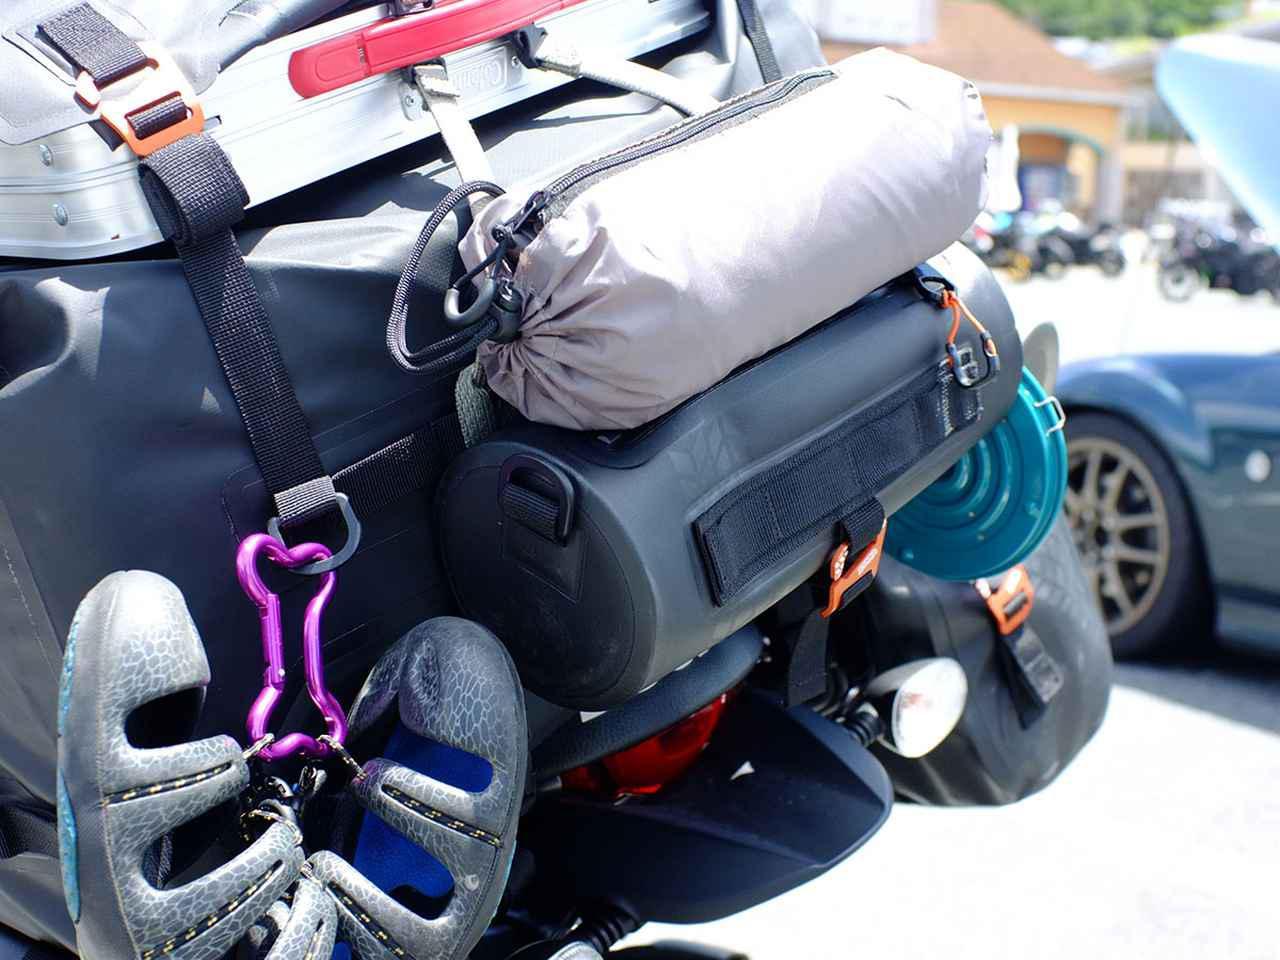 画像2: 車載工具は濡らさない! TPUウォータープルーフツールバッグ登場